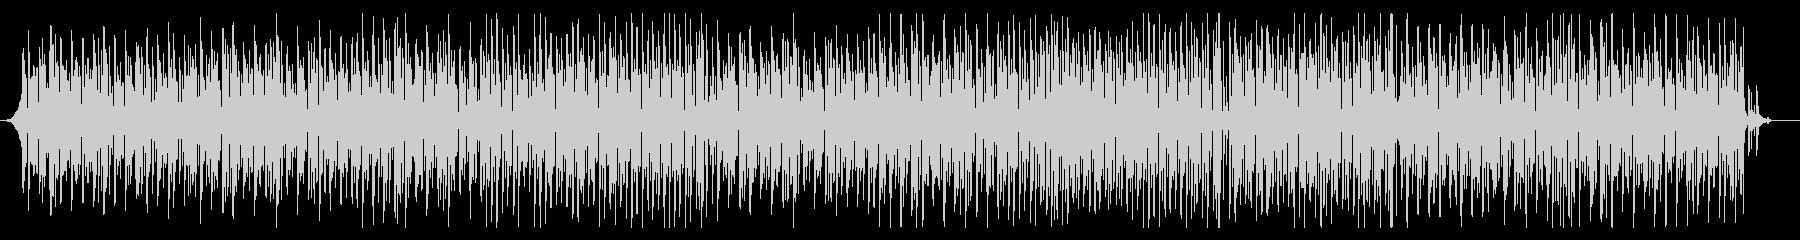 CMやVPに ピアノかわいいポップ楽しいの未再生の波形